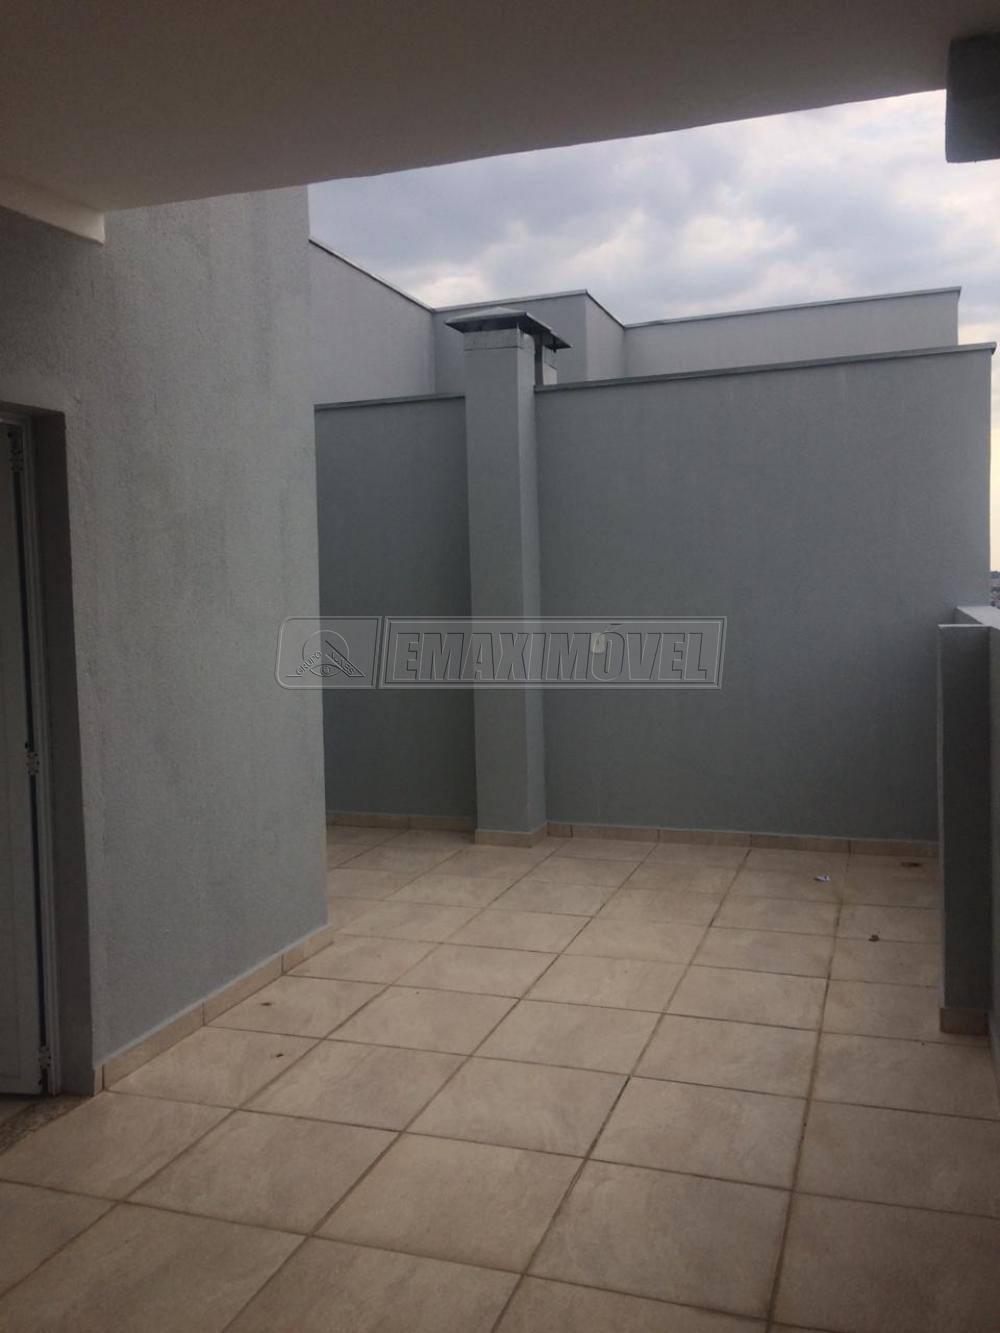 Comprar Apartamento / Padrão em Sorocaba R$ 390.000,00 - Foto 10